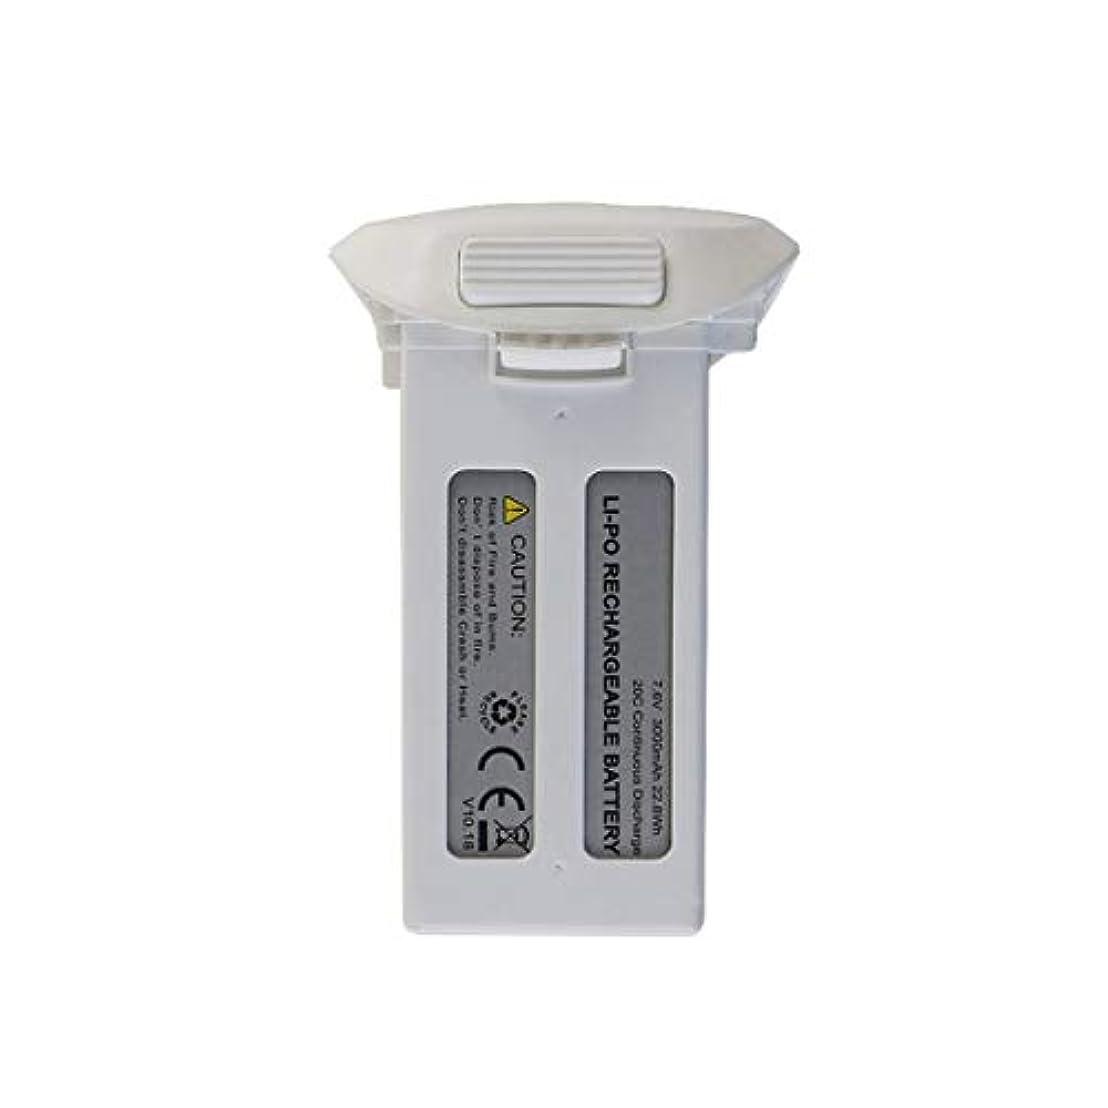 とは異なり完全に乾くひばりRC Li-Battery 7.4V 3000mAh 25Cリチウムバッテリー充電式バッテリーJJR / C X6 RCドローンRCおもちゃRCドローンスペアパーツホワイト